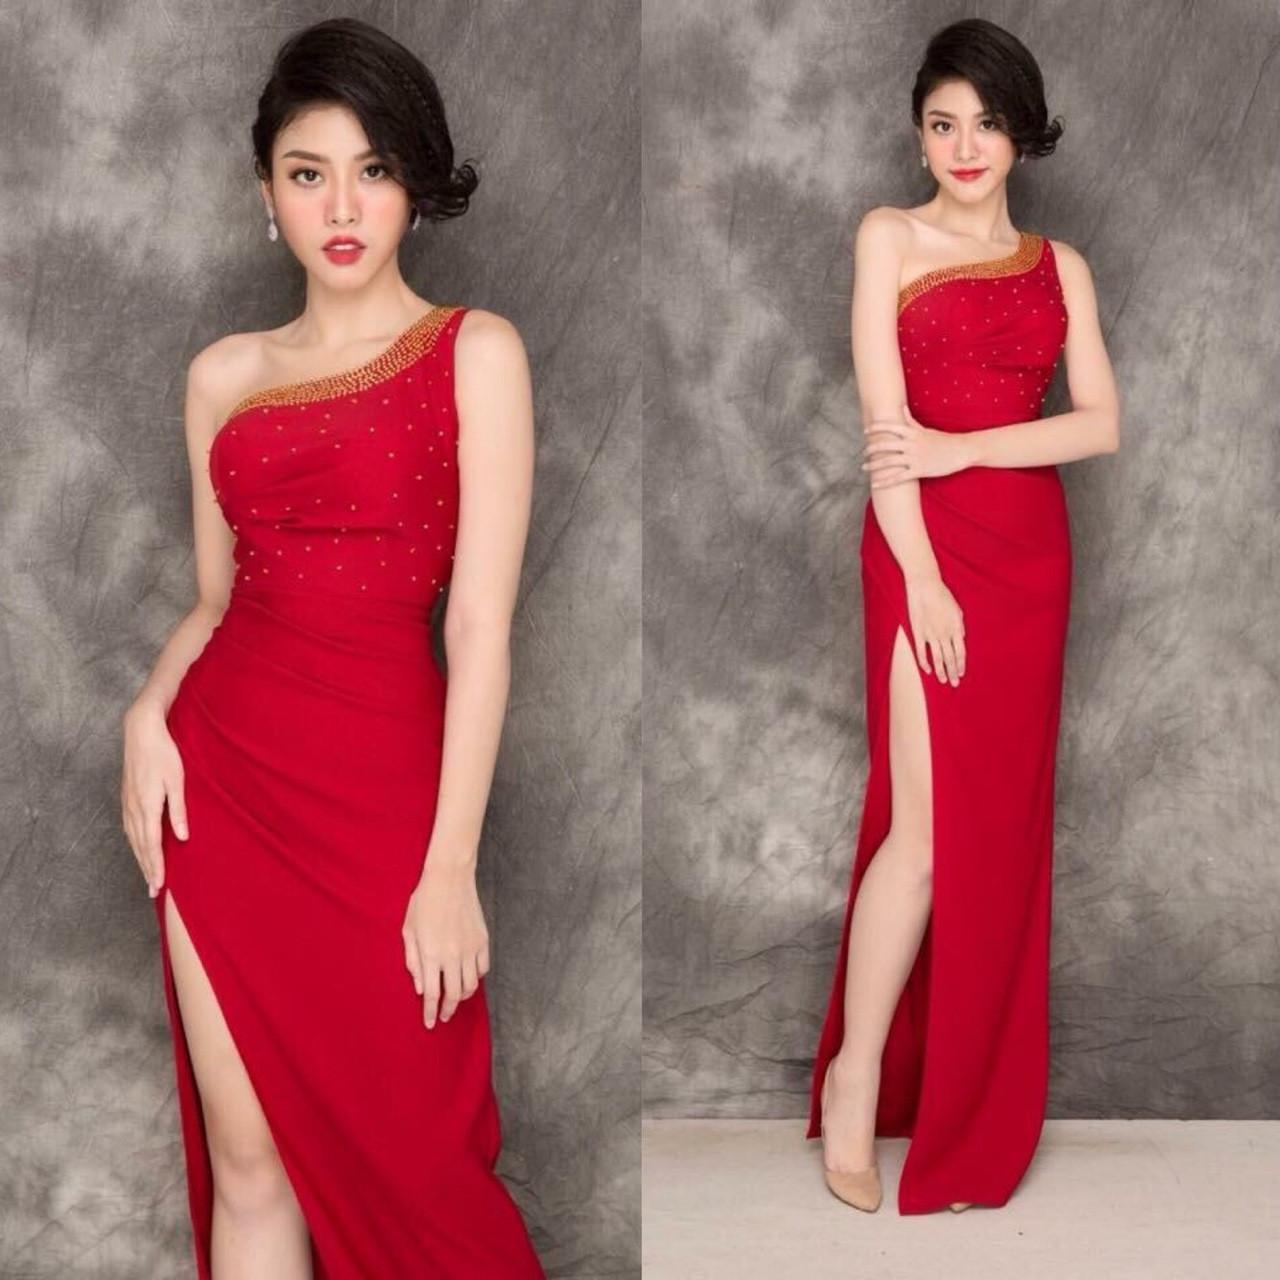 Đầm dự tiệc lệnh vai kết ngọc trai sang trọng màu đỏ